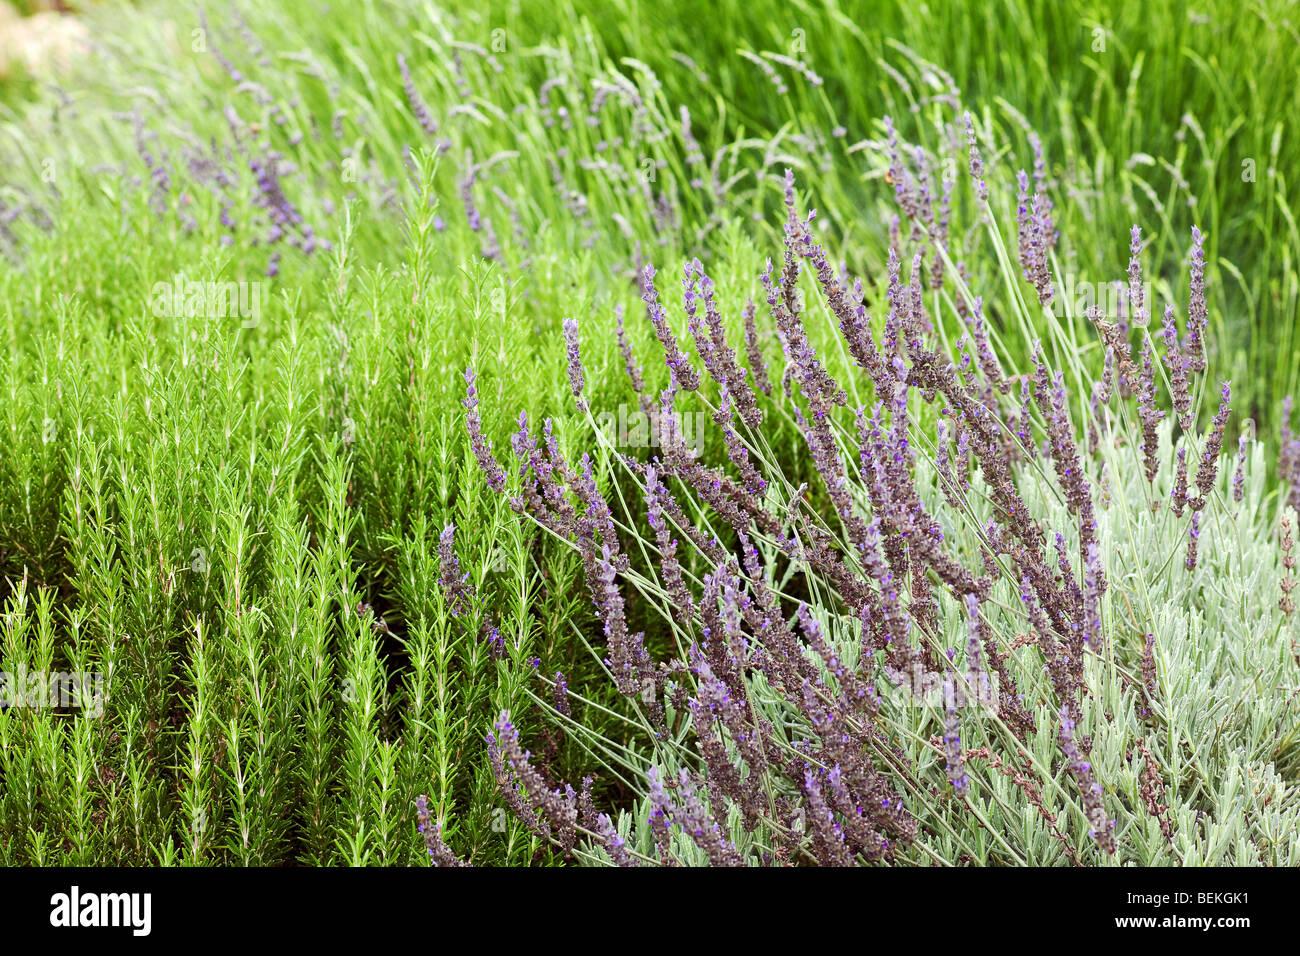 california garden perennials with a green background - Stock Image